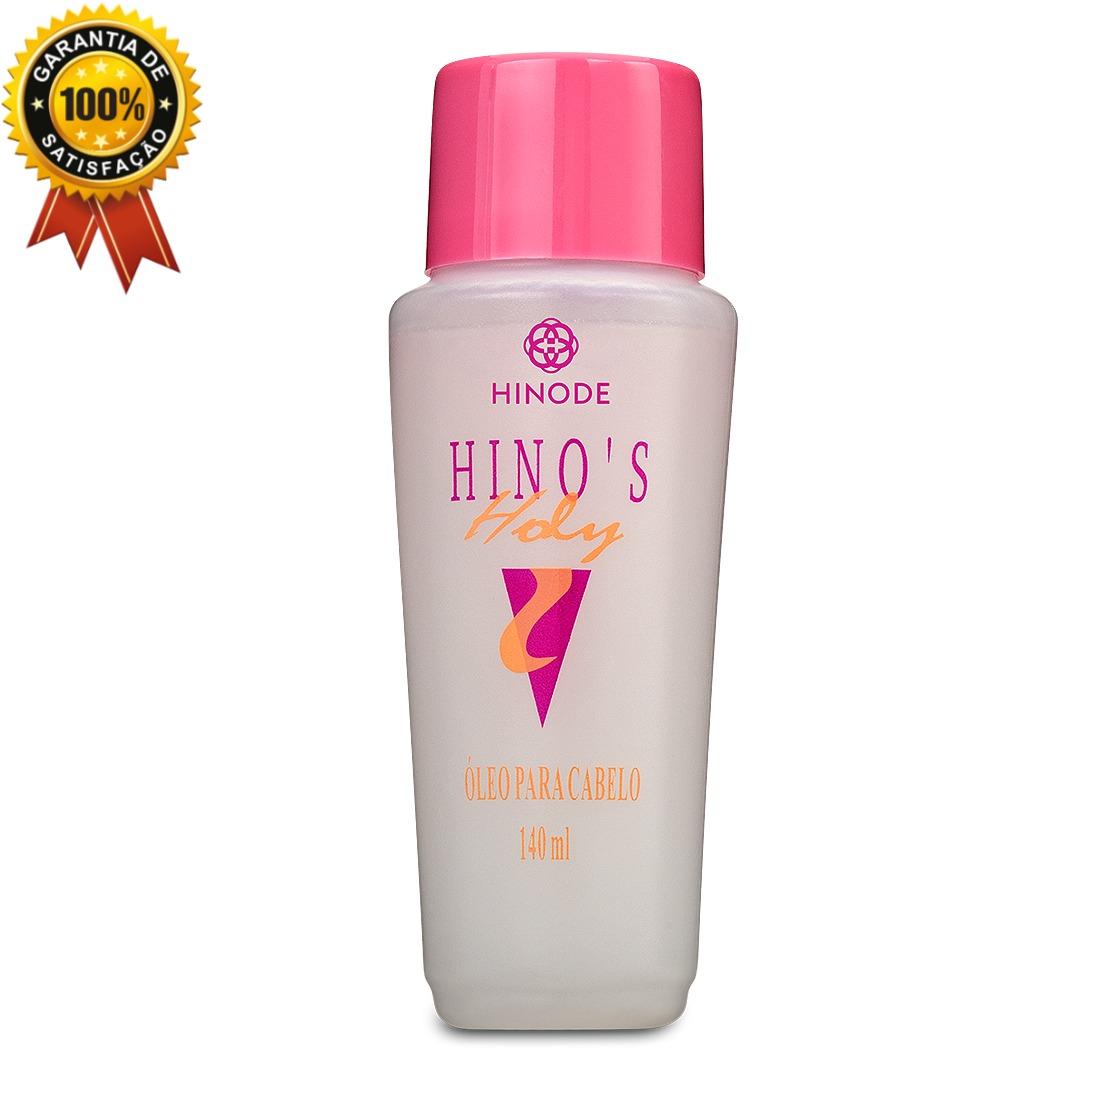 b403d14b0 óleo para cabelos combate a oleosidade excessiva hinode. Carregando zoom.